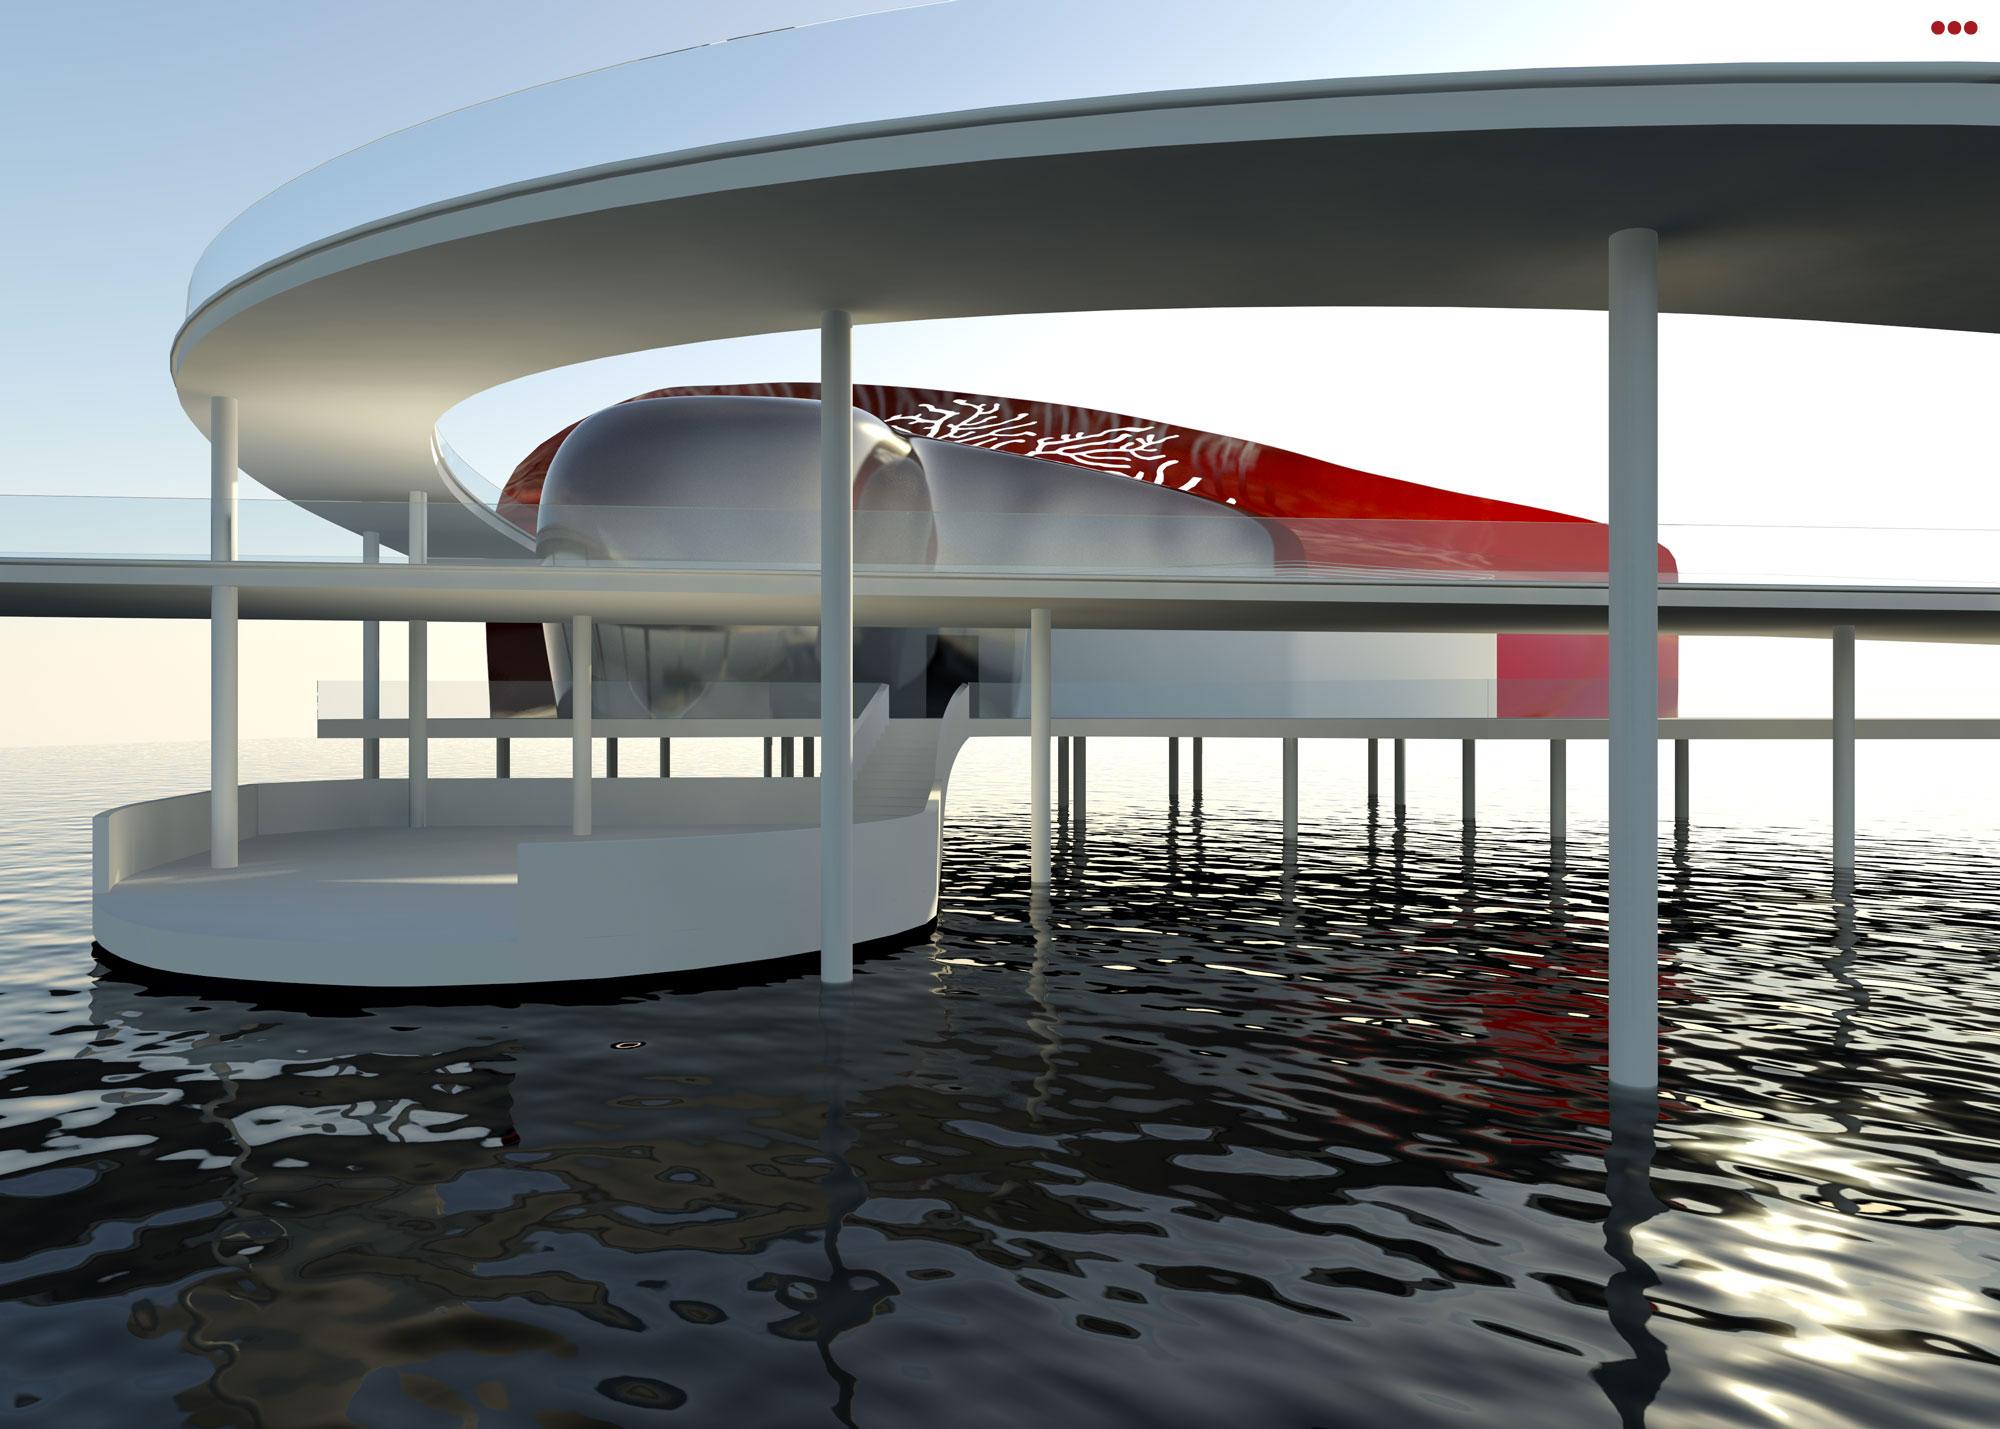 Surdio Bartolini progetto isola porto canale cattolica rimini grafica rendering modeling 3d 2